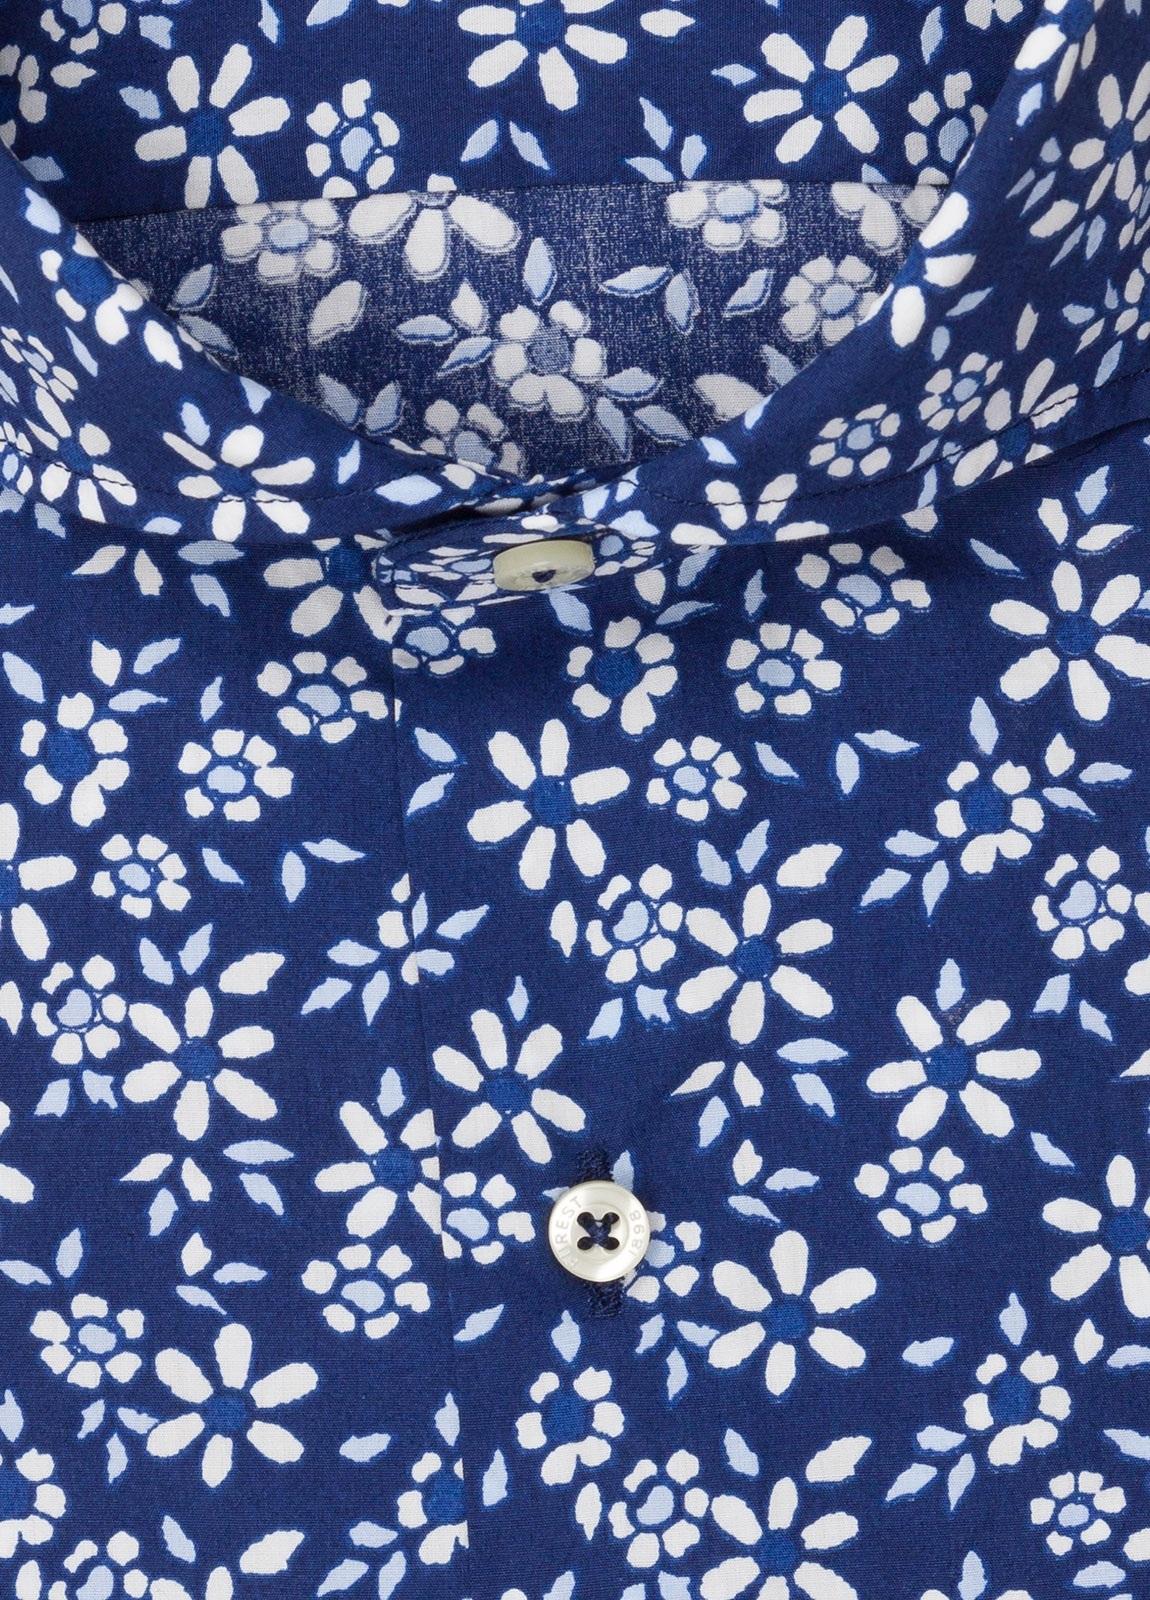 Camisa sport FUREST COLECCIÓN slim fit flores. - Ítem1